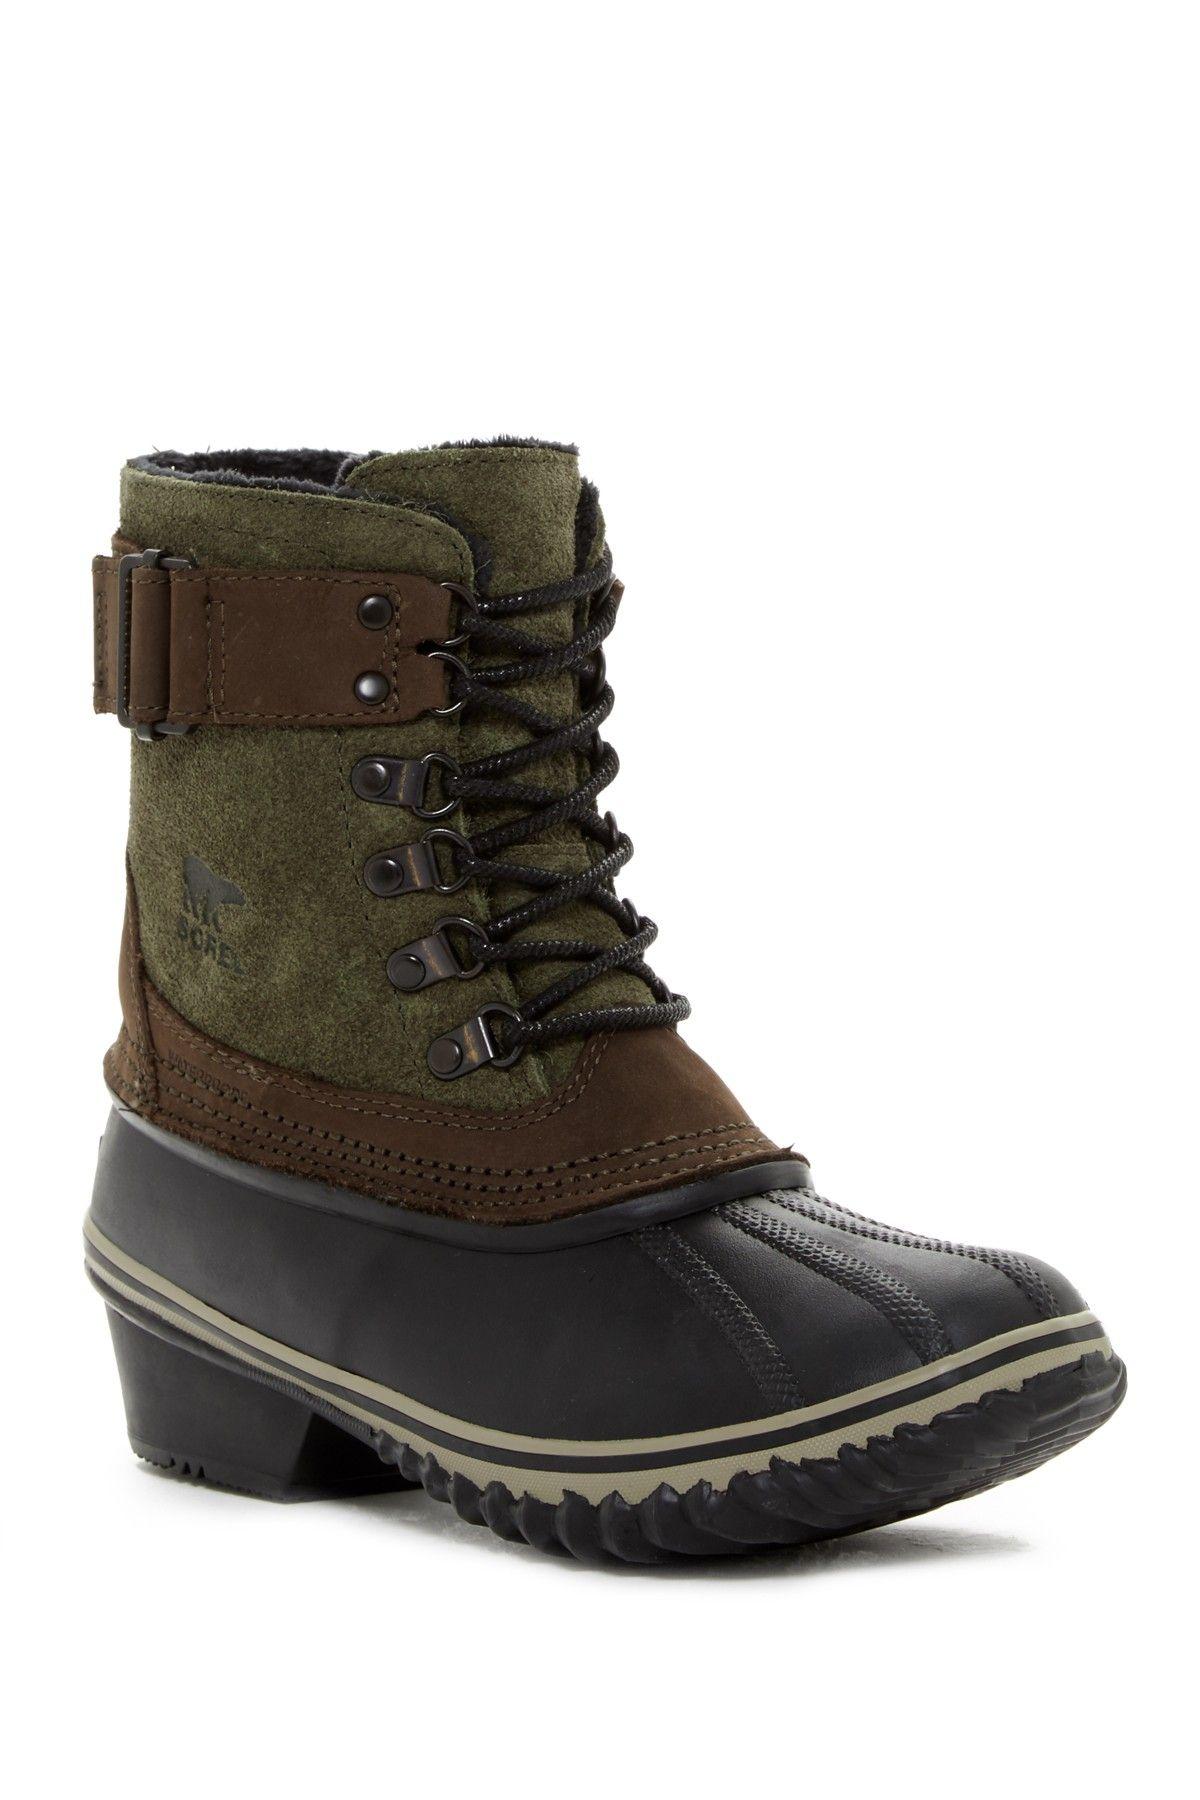 Sorel Winter Fancy Lace II Waterproof Boot Boots